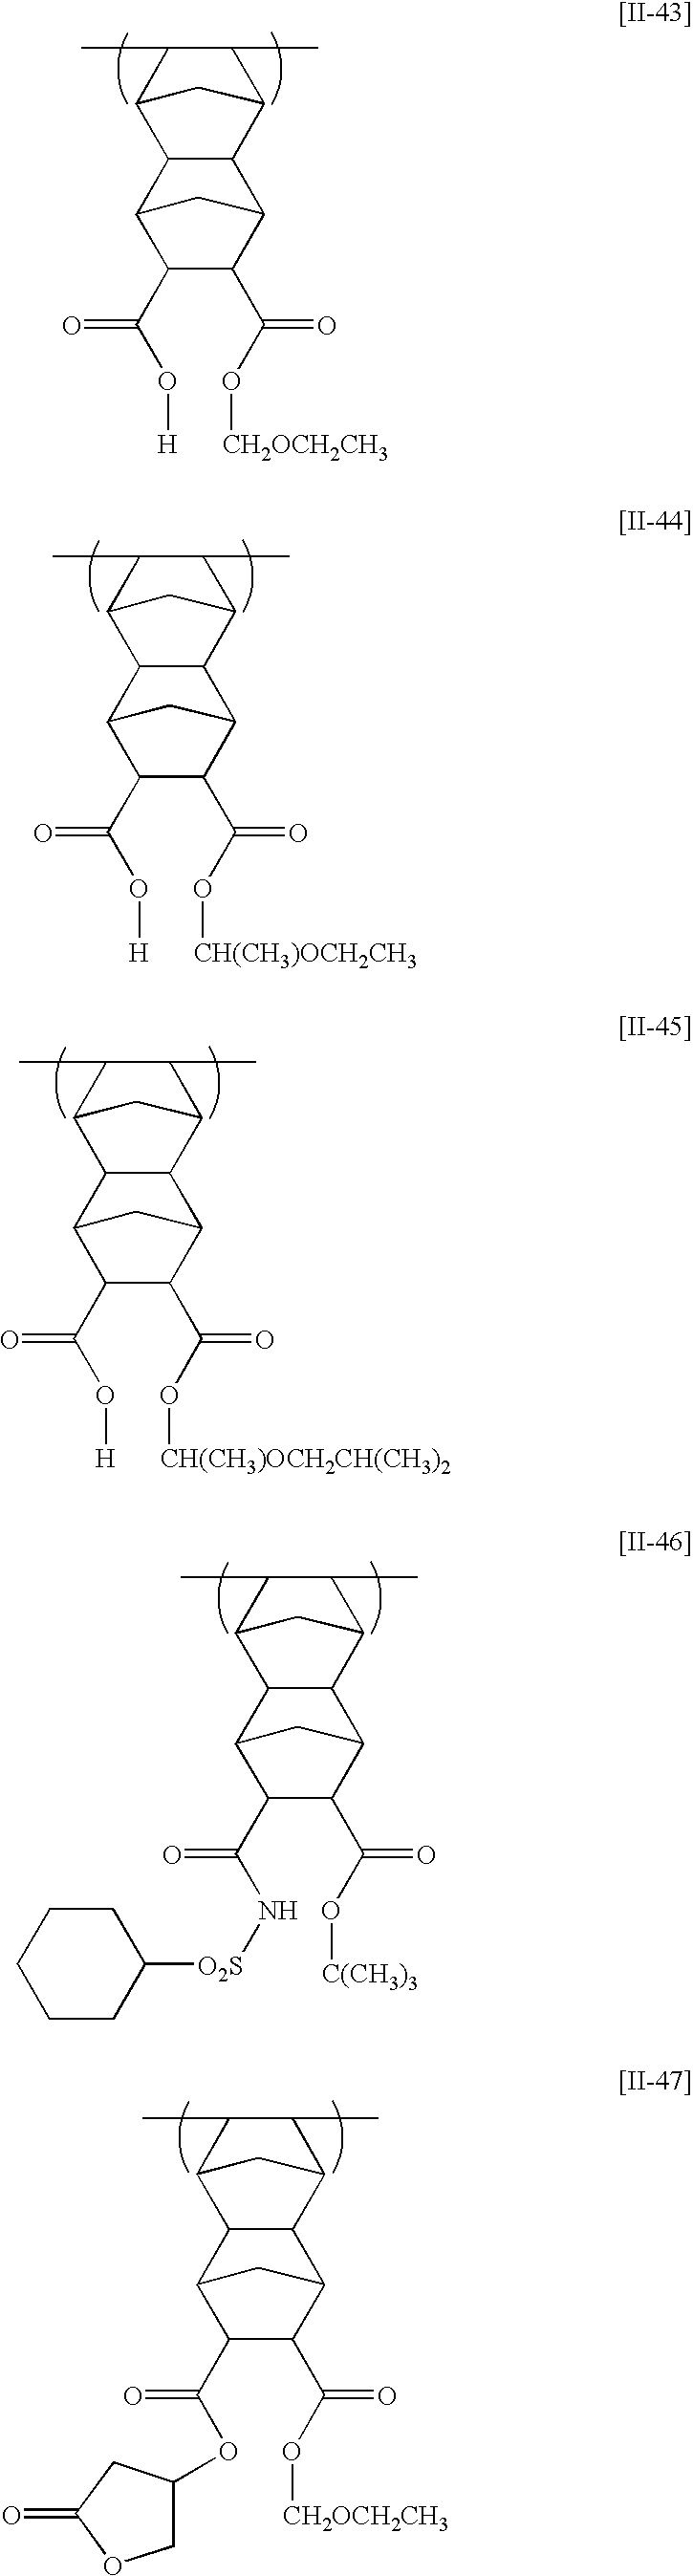 Figure US20030186161A1-20031002-C00065